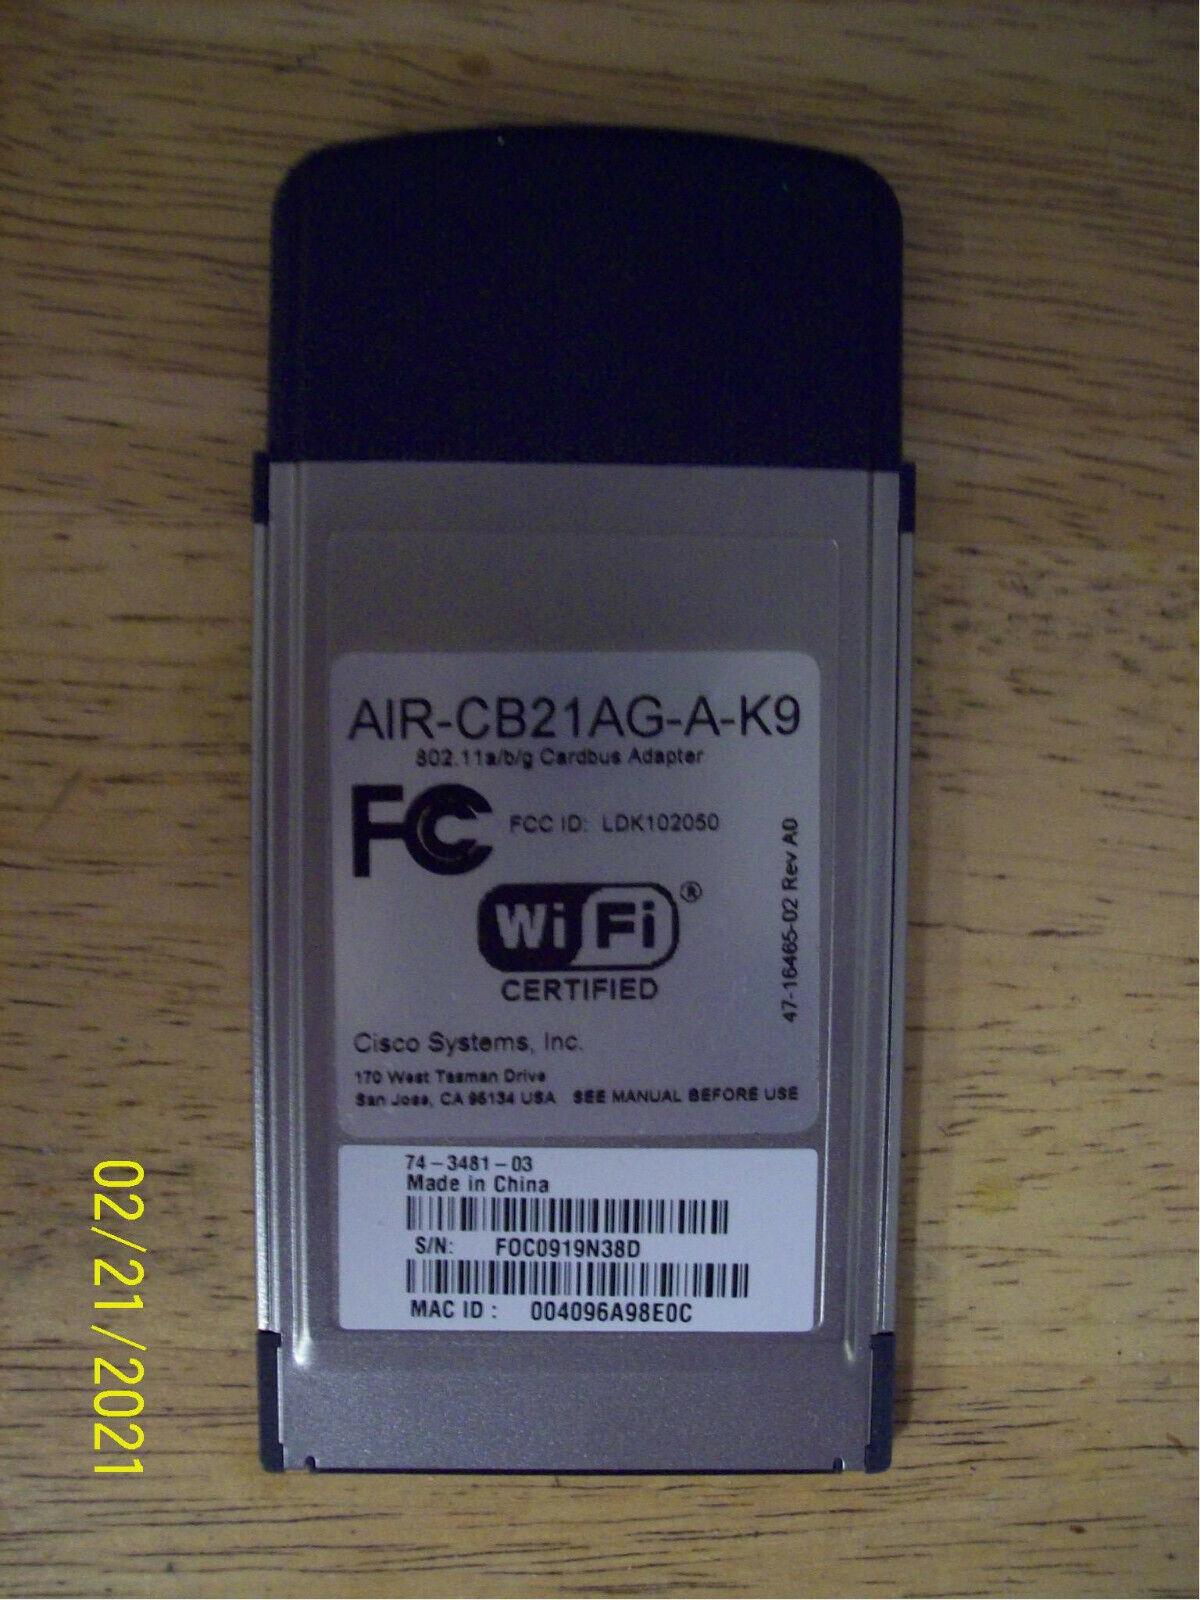 Cisco Aironet 802.11a/b/g Wireless Adapter AIR-CB21AG-A-K9 PCMCIA - $11.00